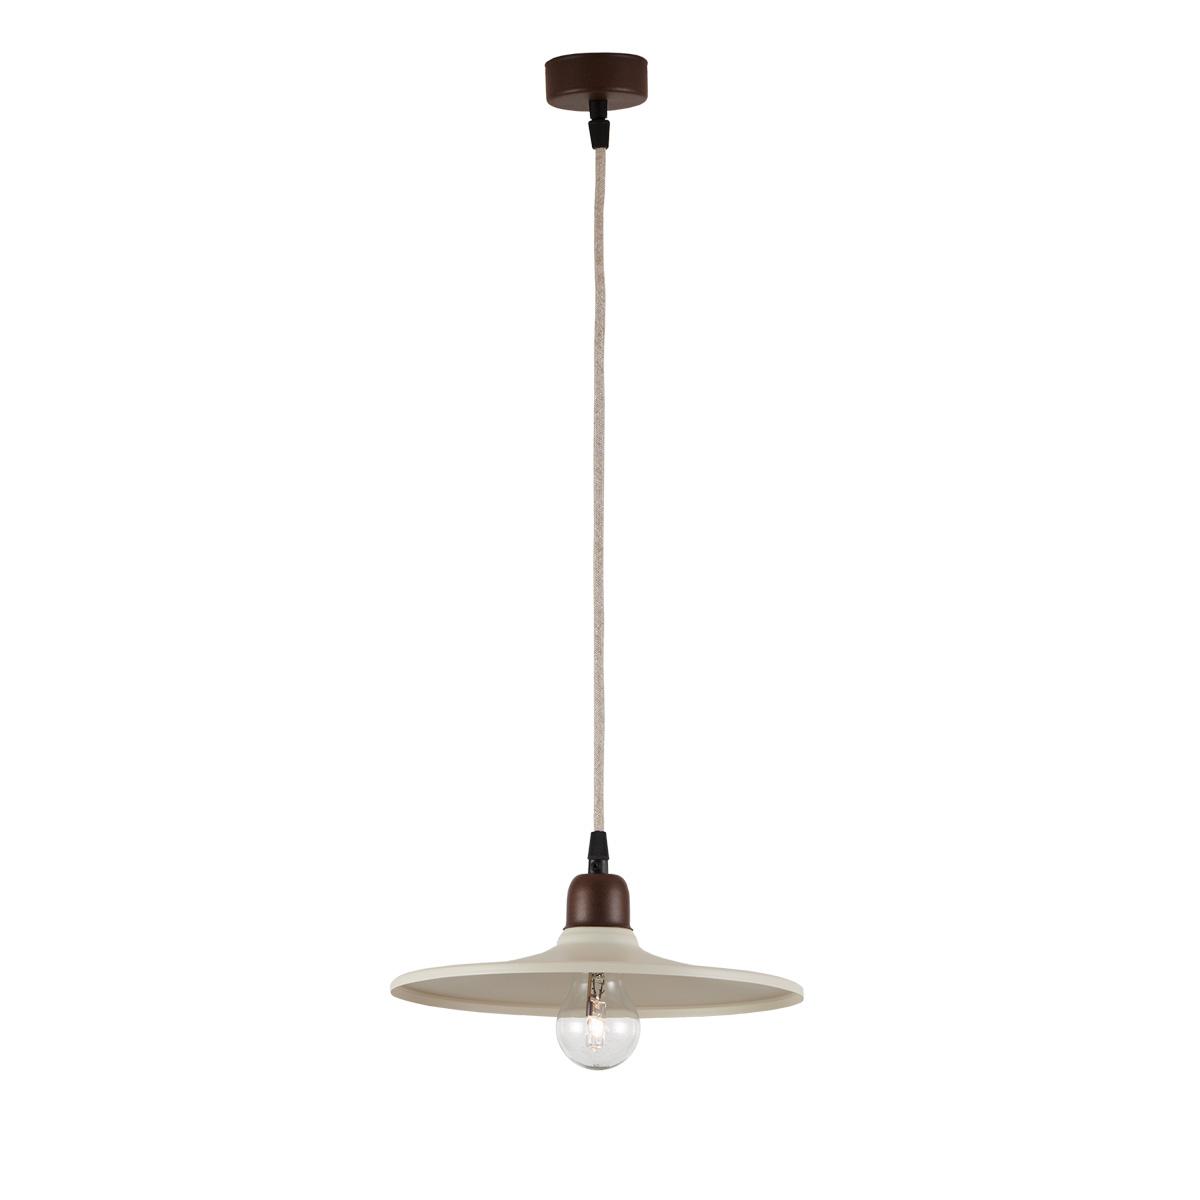 Φωτιστικό ρουστίκ ΔΗΛΟΣ rustic suspension lamp